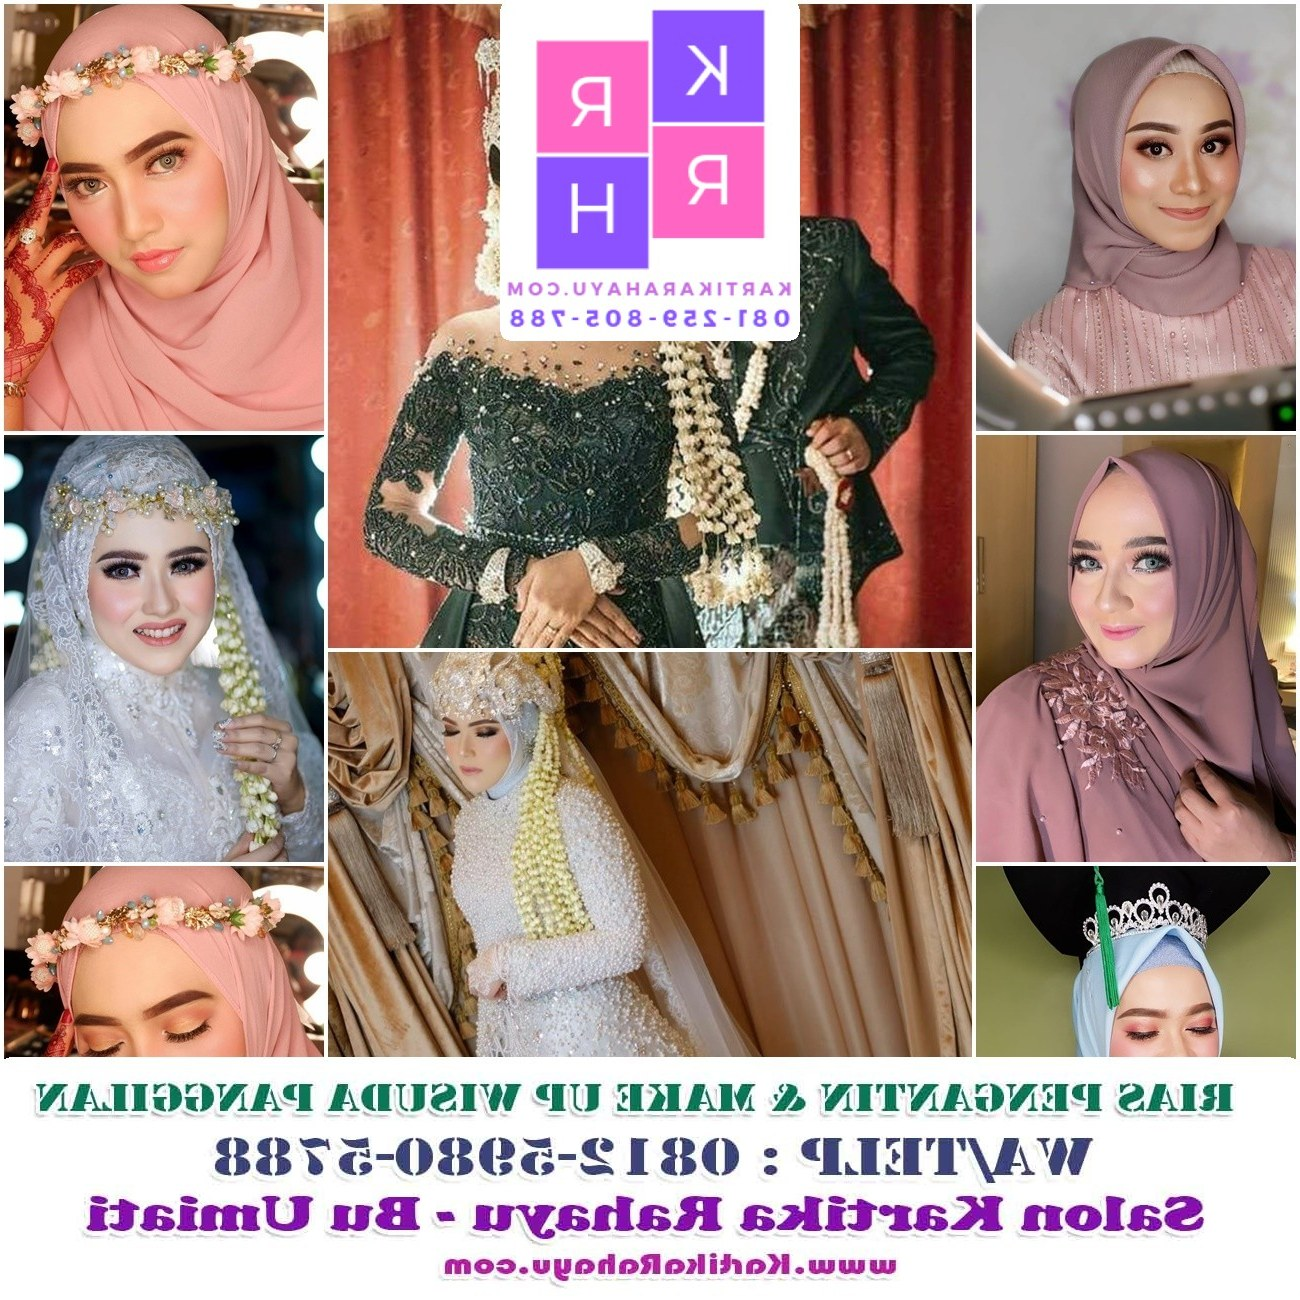 Inspirasi Sewa Gaun Pengantin Muslimah Jakarta 9fdy Jasa Rias Dan Make Up Pengantin Di Malang